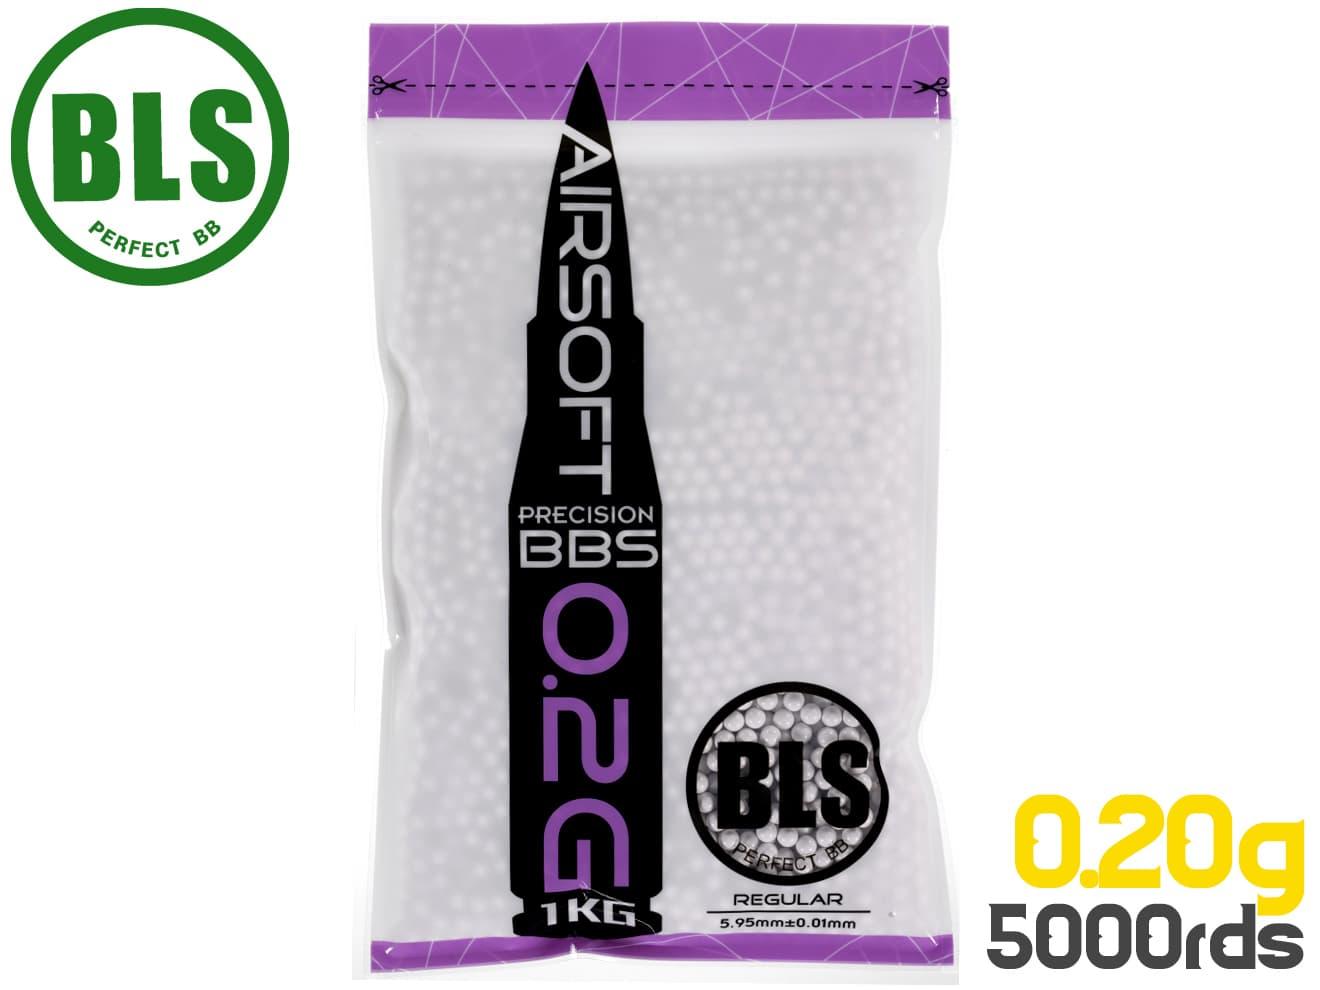 BLS Precision 精密プラスティックBB弾 0.2g 5000発(1kg)◆高精度BB弾 インドア戦 CQC戦 室内用プラスティック弾  高精度5.95mm±0.01